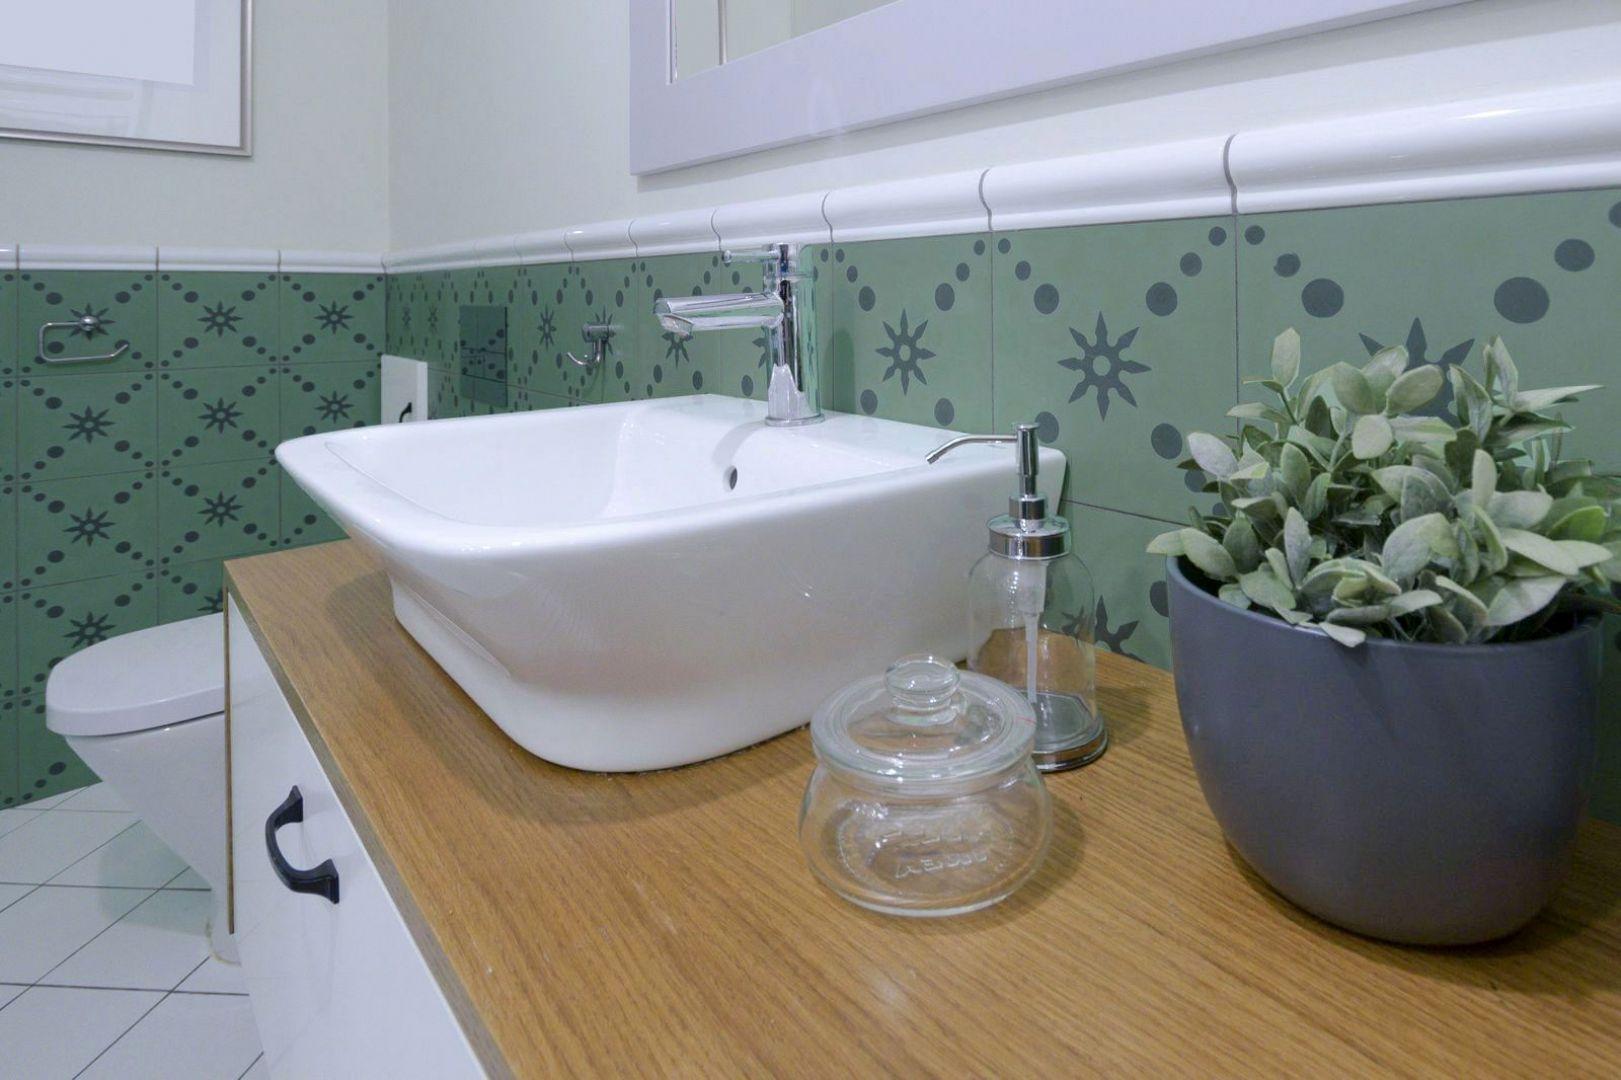 Wnętrza całego domu zaprojektowano w stylu zbliżonym do prowansalskiego, dlatego łazienka na parterze swoją stylistyką także musiała współgrać z resztą domu. Fot. Jacek Gadaj